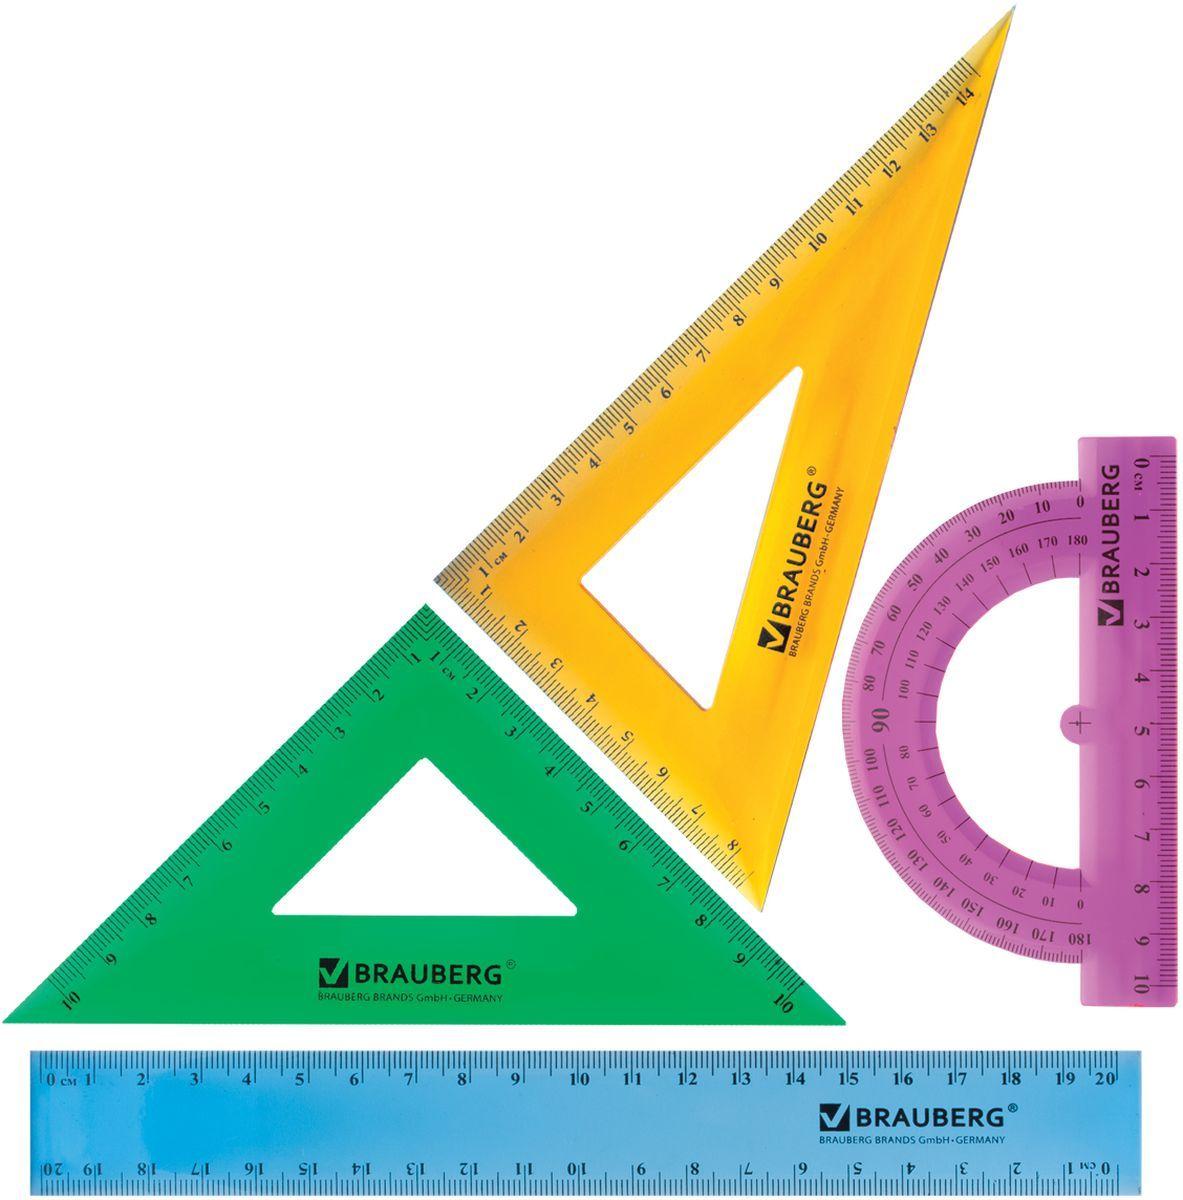 Brauberg Набор чертежный Сrystal 210296210296Набор геометрический Brauberg Сrystal из яркого, прочного пластика толщиной 1,6 - 2 мм. Предназначен для чертёжных работ.Набор включает в себя четыре предмета: линейка со шкалами 20 см/20 см, треугольник с углами 30°/60° и шкалами 14,5 см/8,5 см, треугольник с углами 45°/45° и шкалами 10 см/10 см, транспортир 180°.